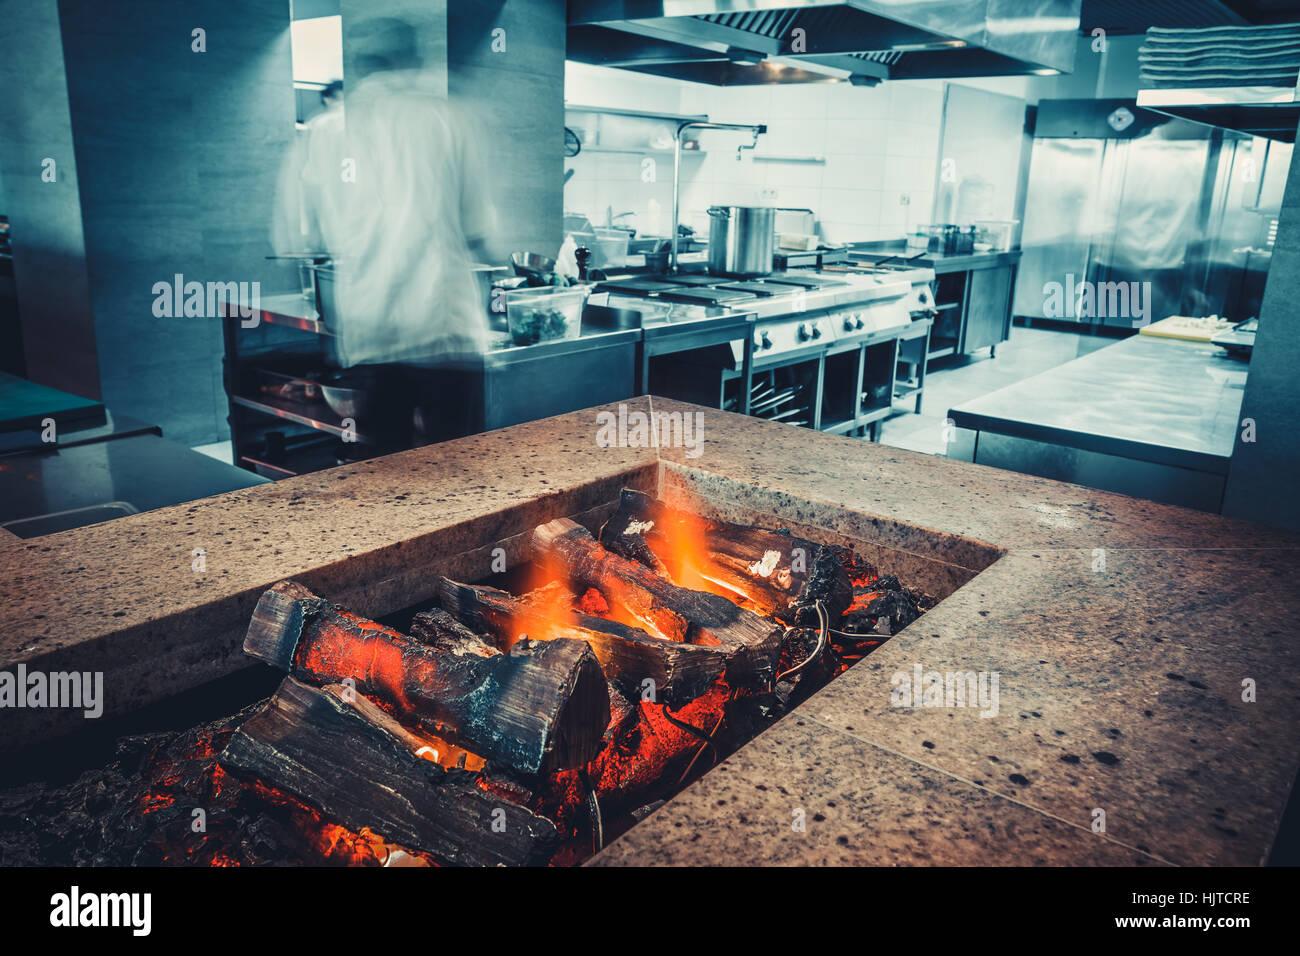 Chinese Restaurant Kitchen Chefs Stock Photos & Chinese Restaurant ...